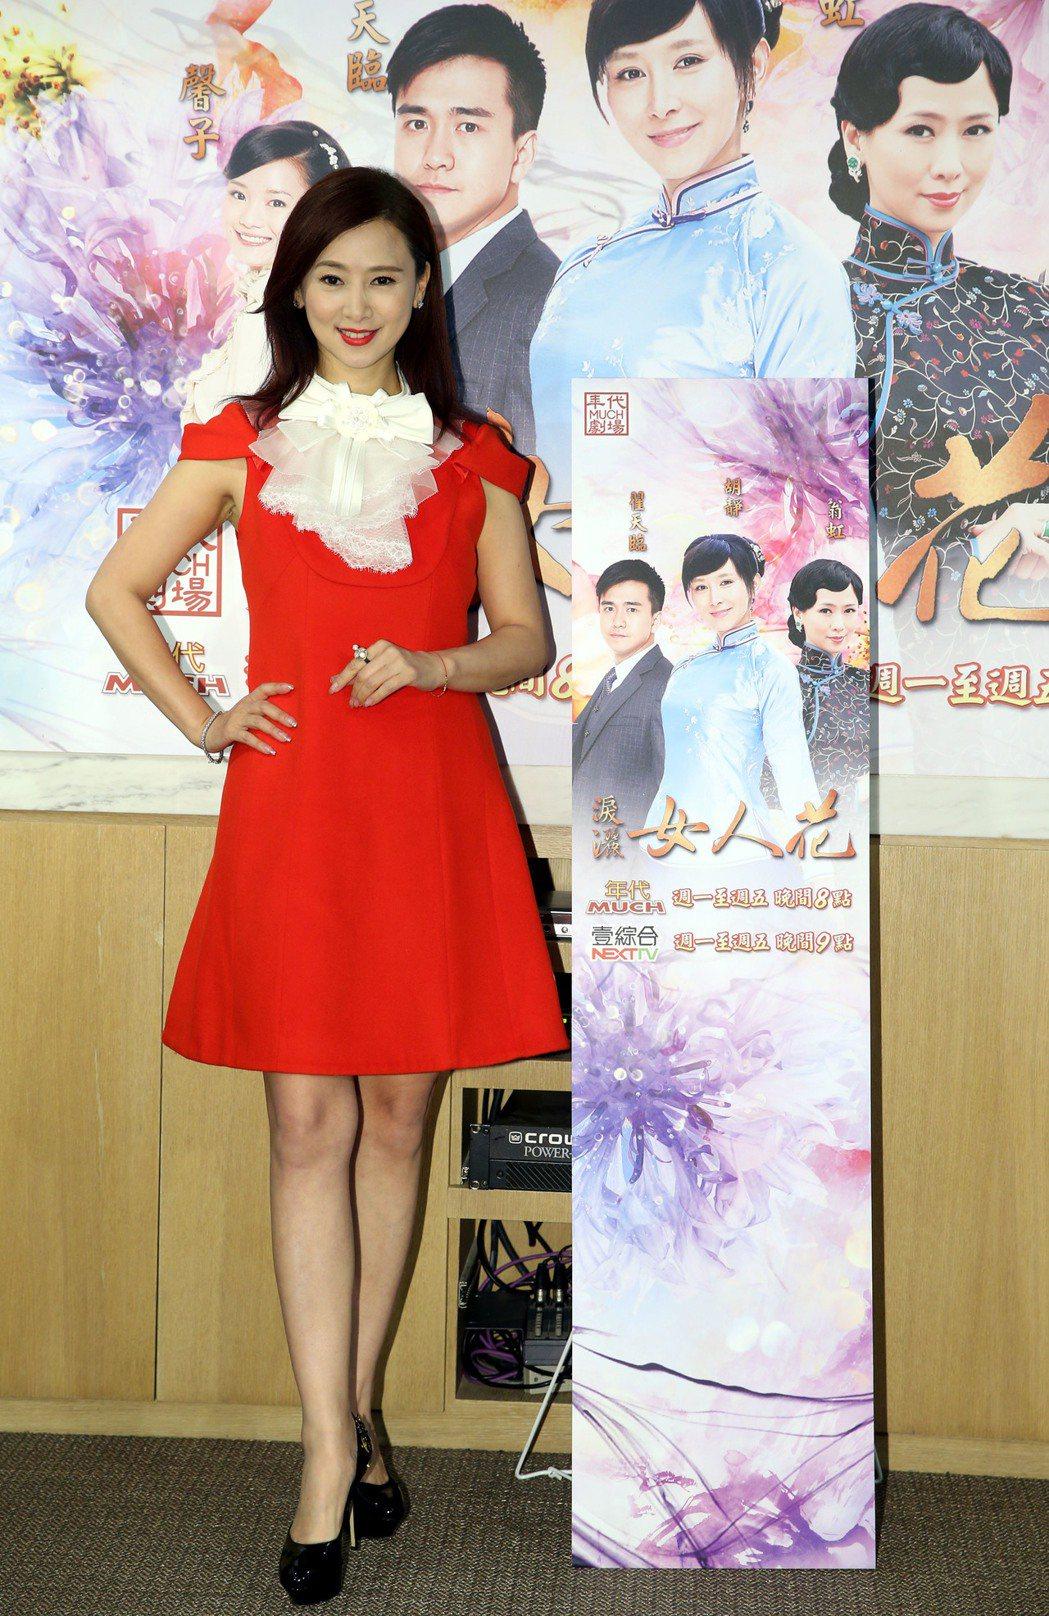 影星翁虹回台宣傳新戲「淚灑女人花」,展現曼妙身材。記者林俊良/攝影